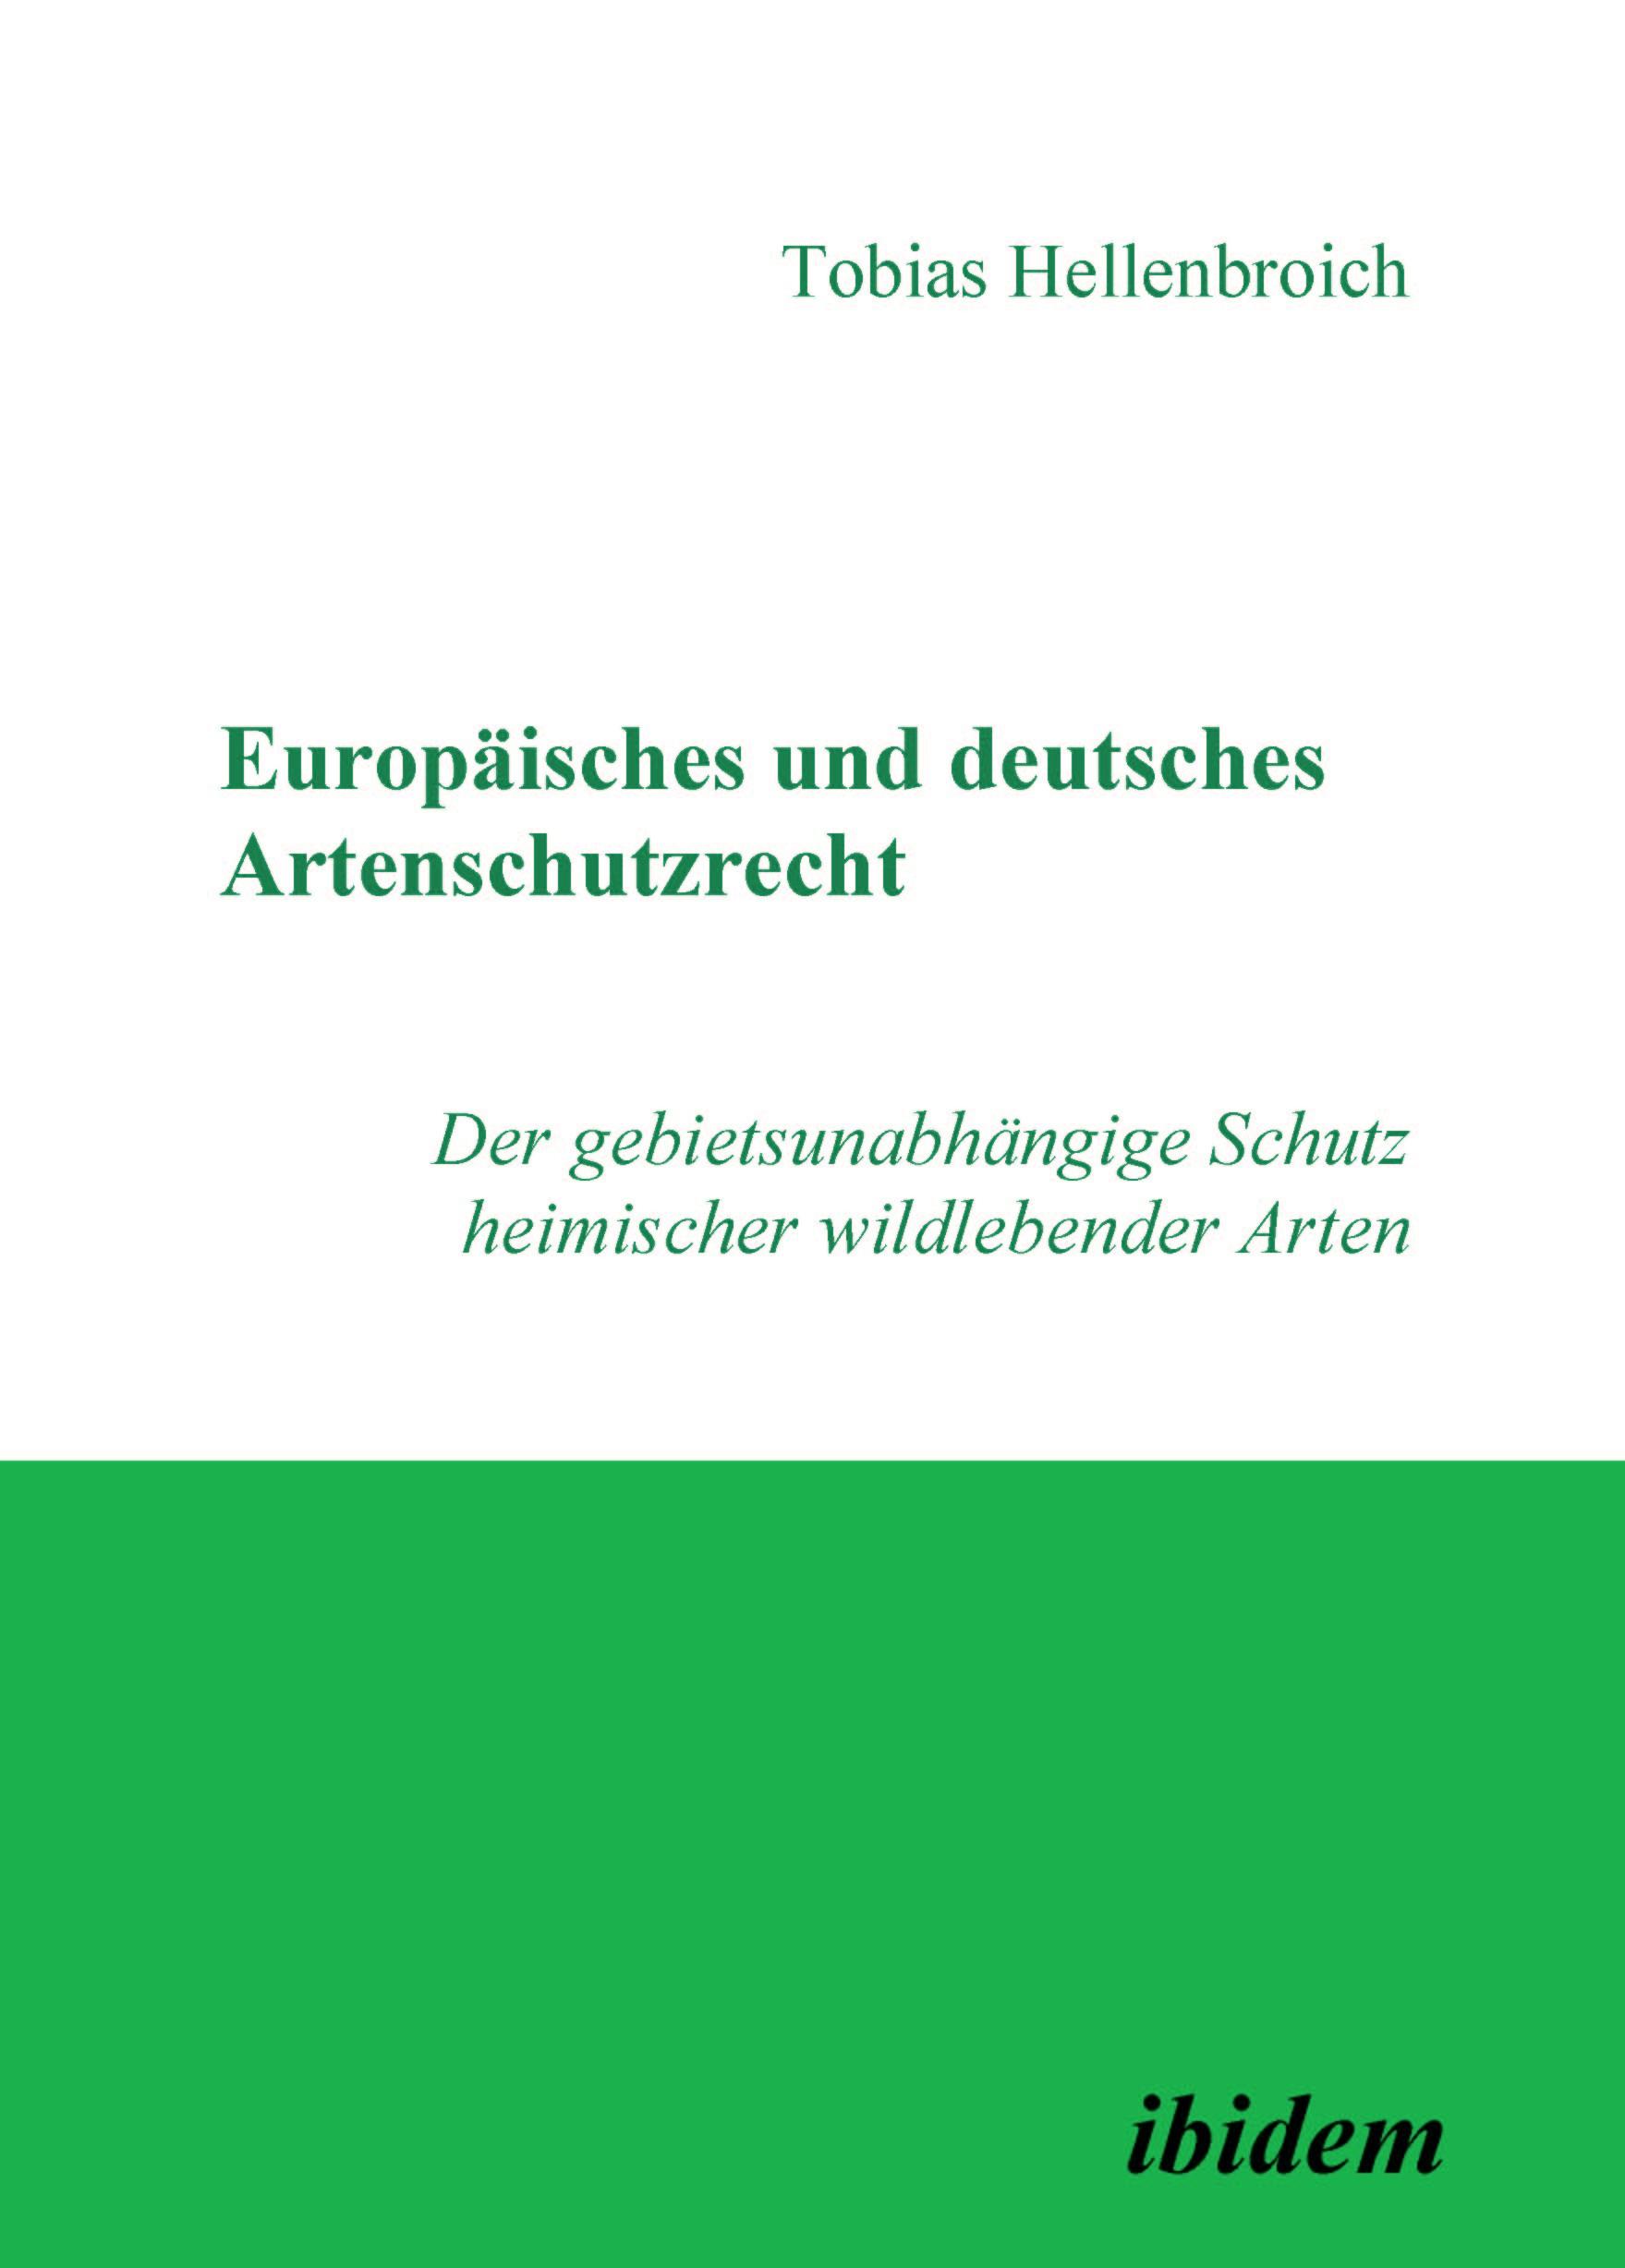 Europäisches und deutsches Artenschutzrecht